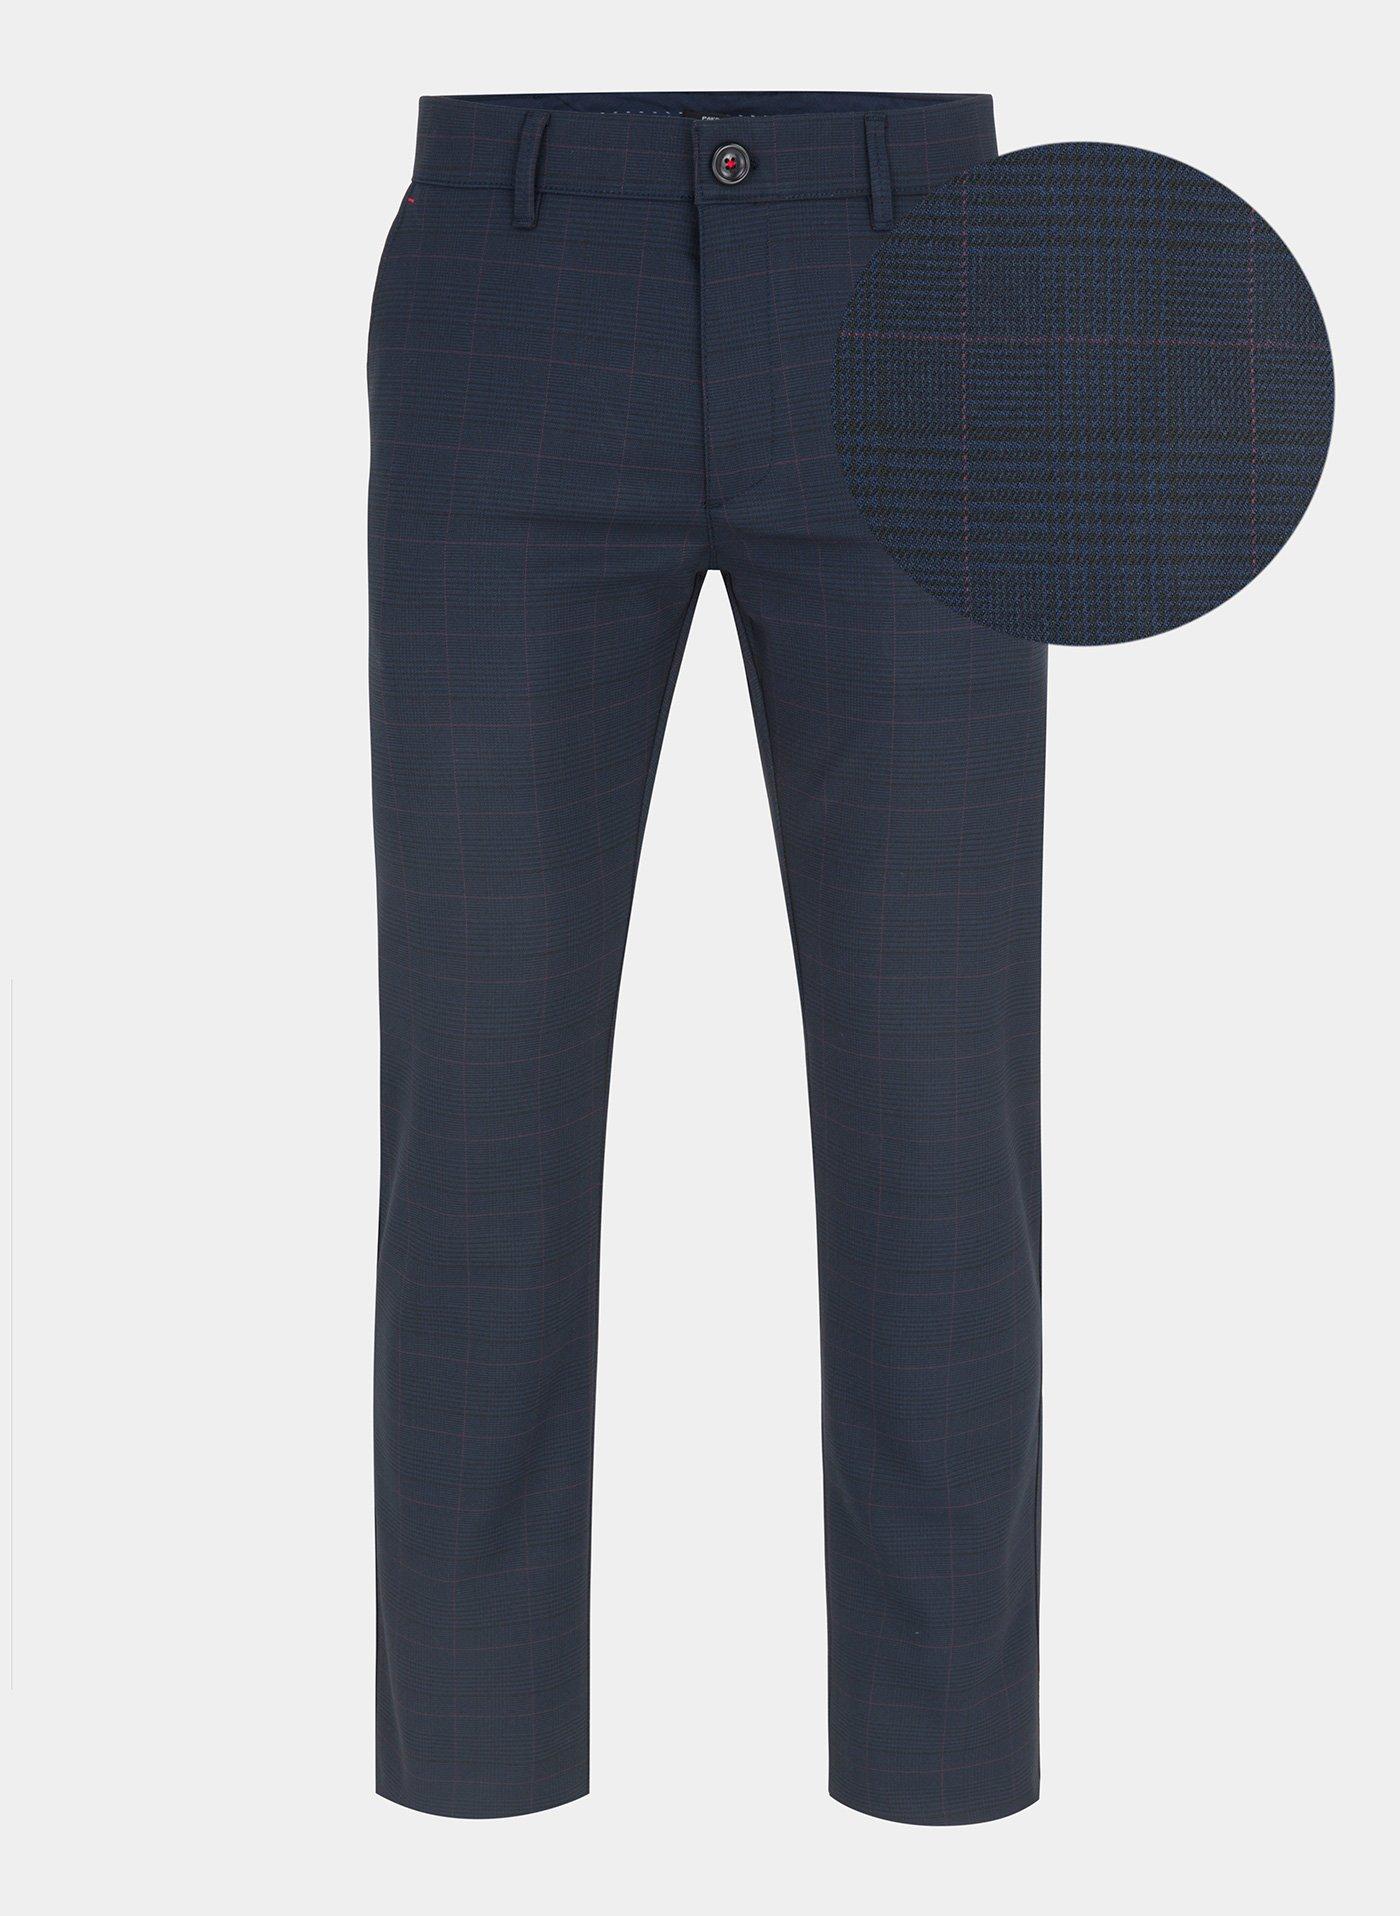 Spodnie męskie NIMA PLM-WX-214-G